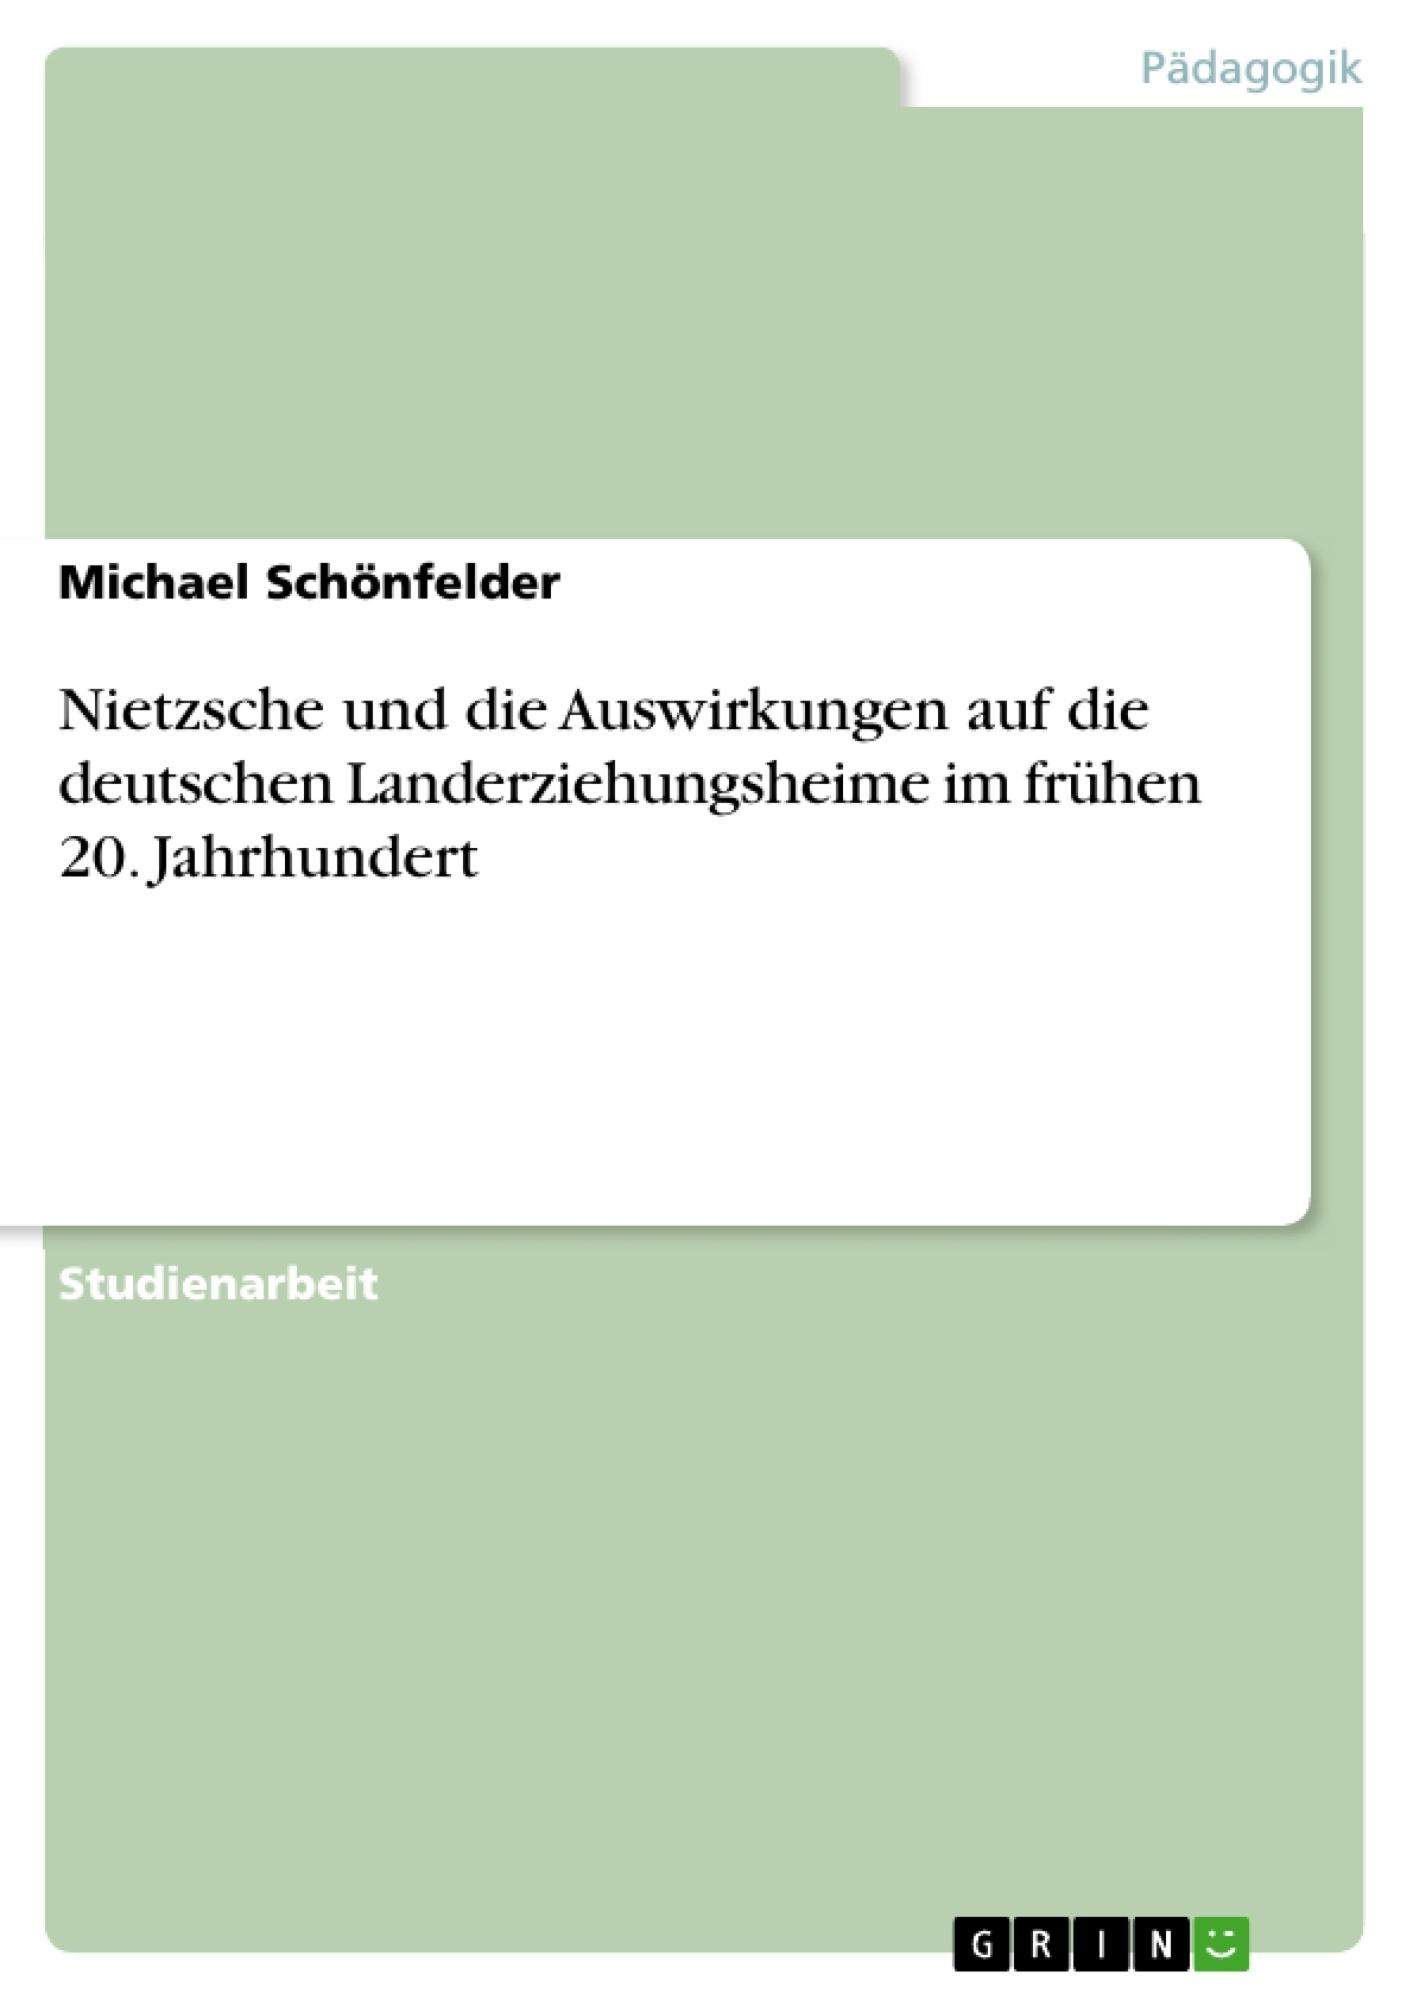 Titel: Nietzsche und die Auswirkungen auf die deutschen Landerziehungsheime im frühen 20. Jahrhundert